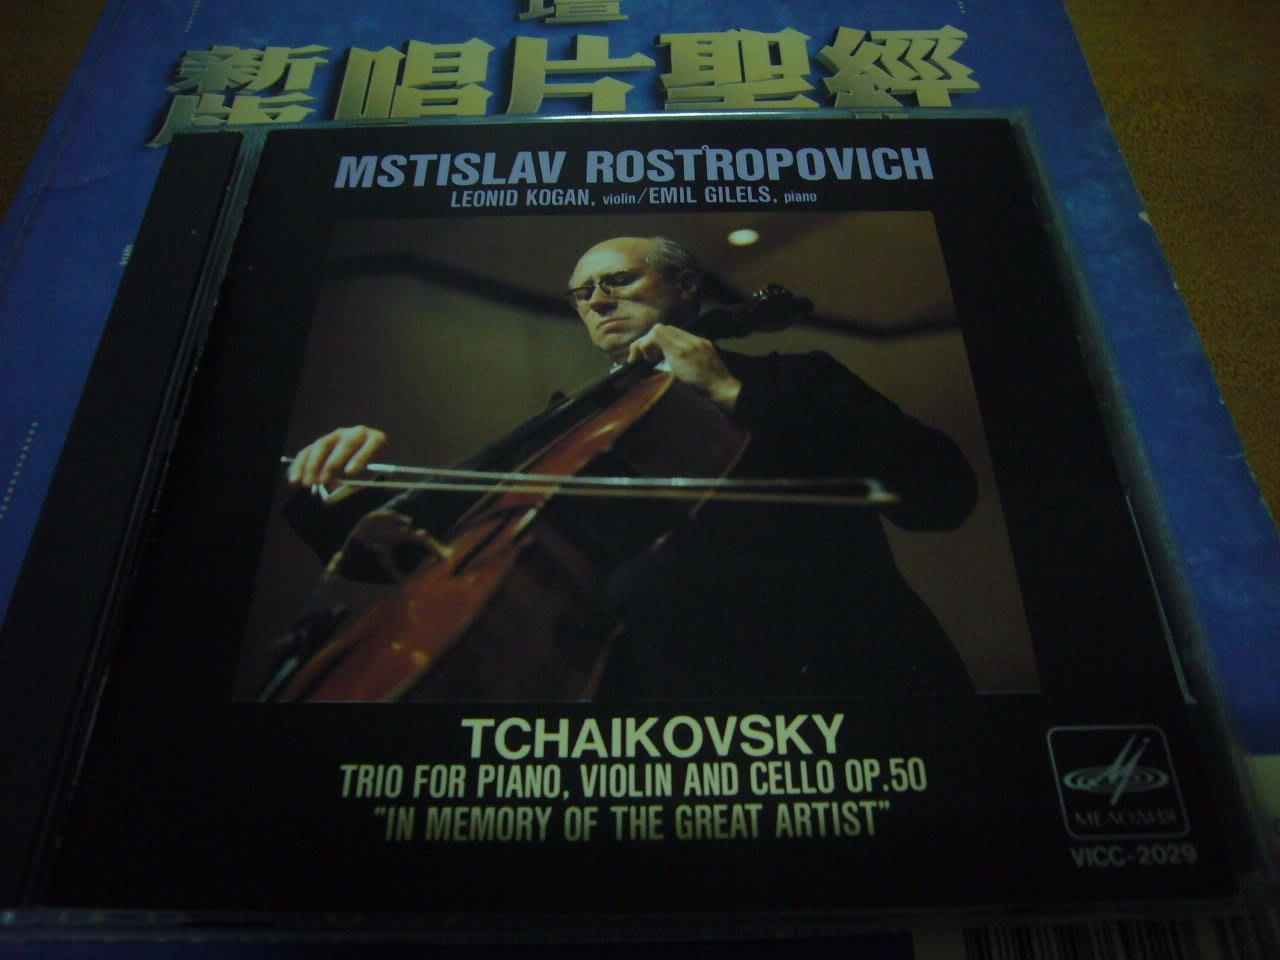 柴可夫斯基:回憶一位偉大藝術家鋼琴三重奏 柯崗&吉利爾斯&羅斯托波維奇1990日本首版無ifpi